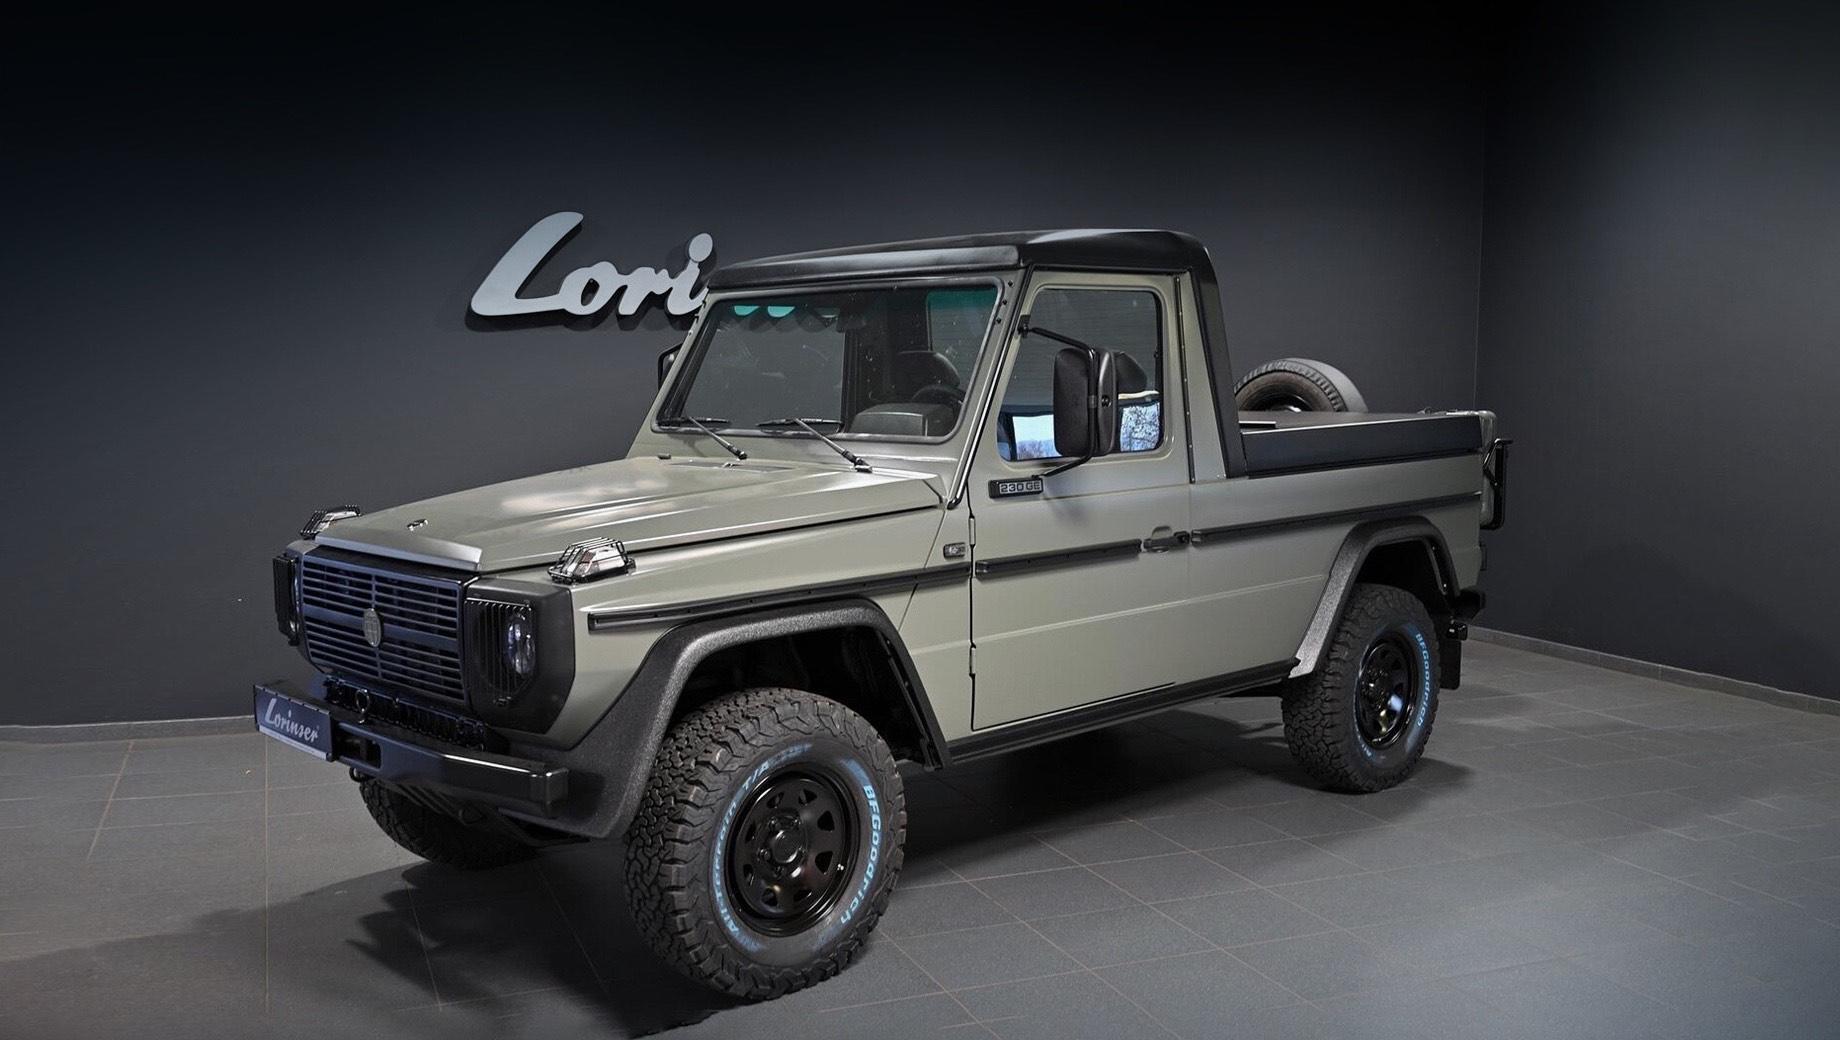 Mercedes g. Донорский Puch 230 GE, на базе которого и сделан пикап, впервые был зарегистрирован в октябре 1993 года и сразу отправлен на военную службу. За время её несения внедорожник накатал 202 000 км.